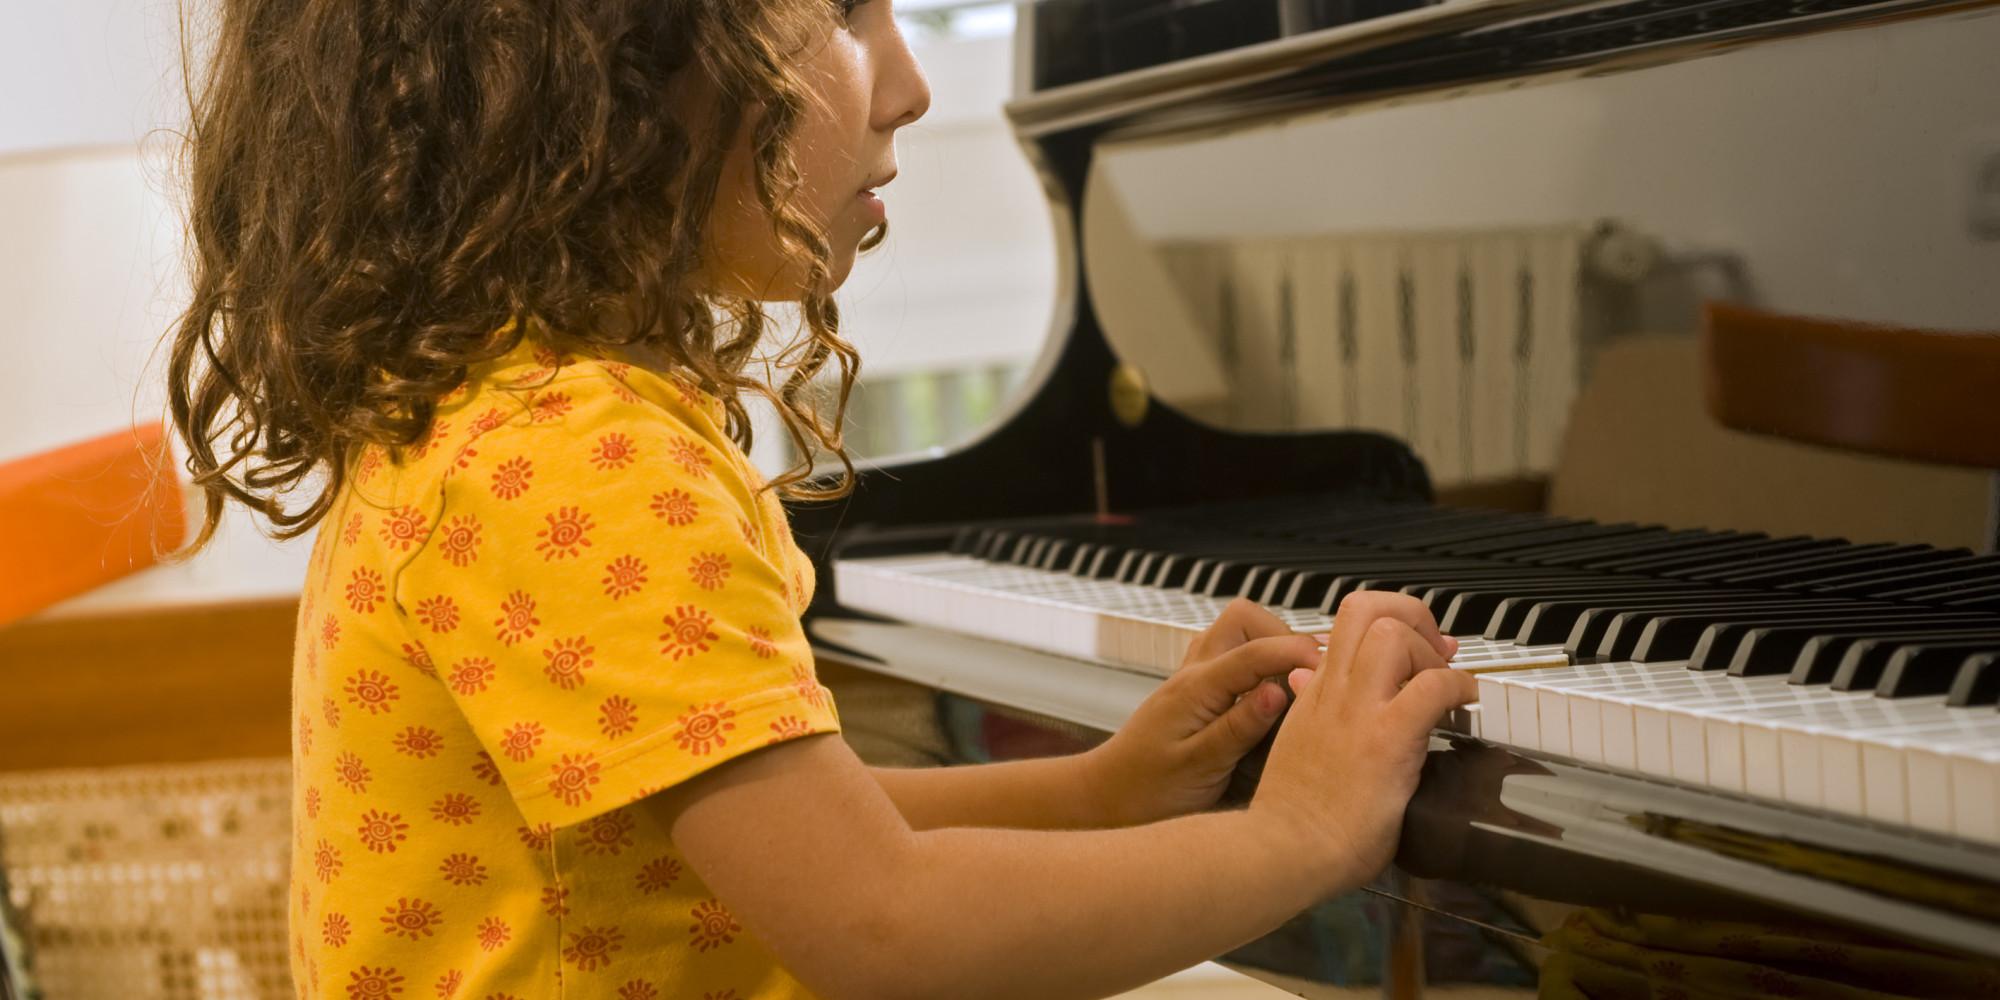 Music lessons help improve focus